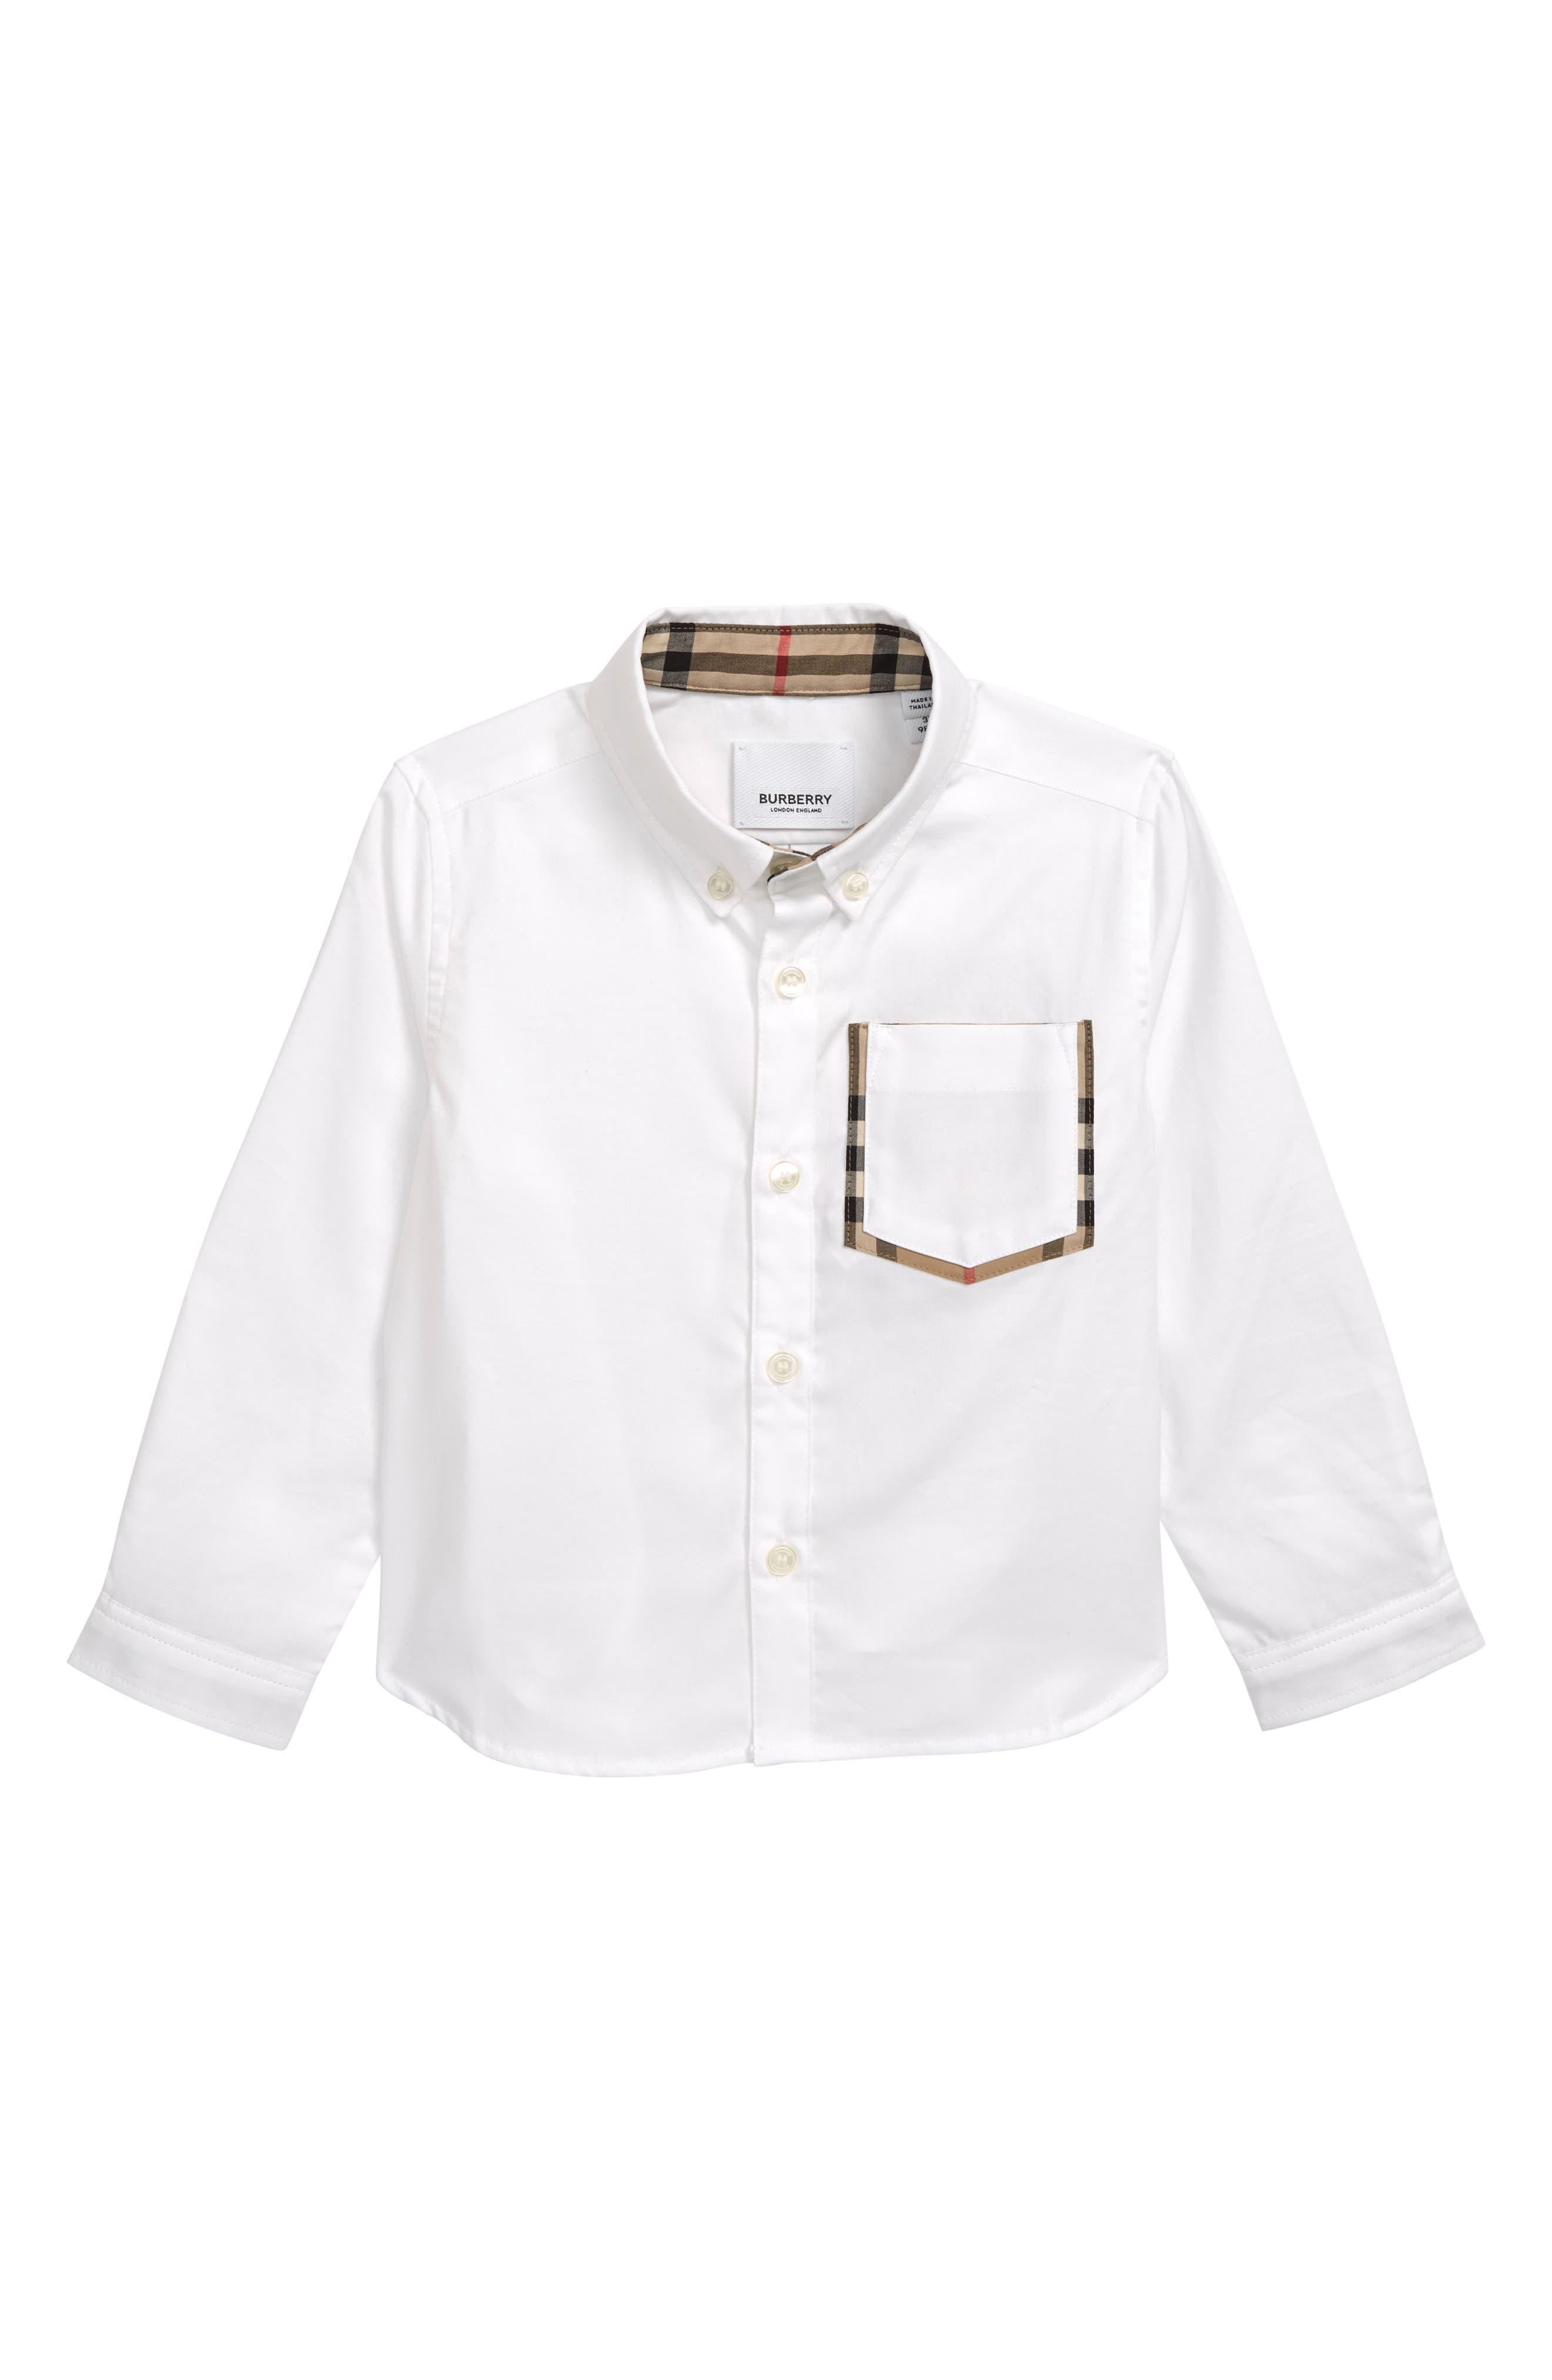 Harry Check Trim Sport Shirt, Main, color, WHITE